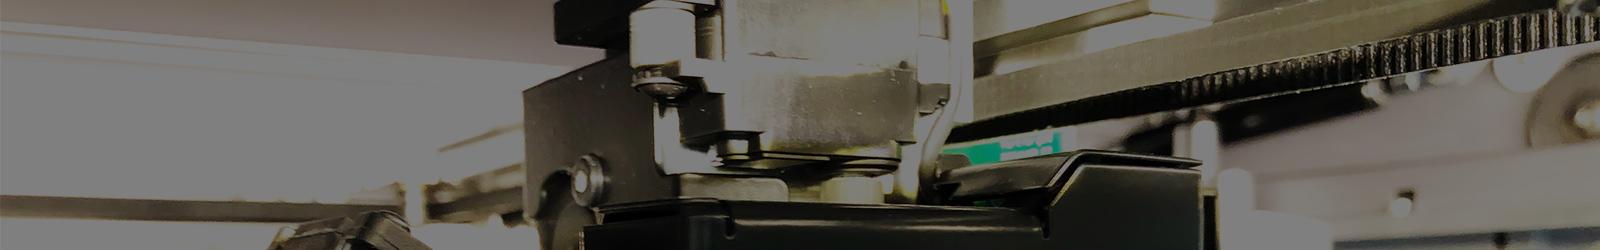 FDM方式3Dプリンターの面粗度について